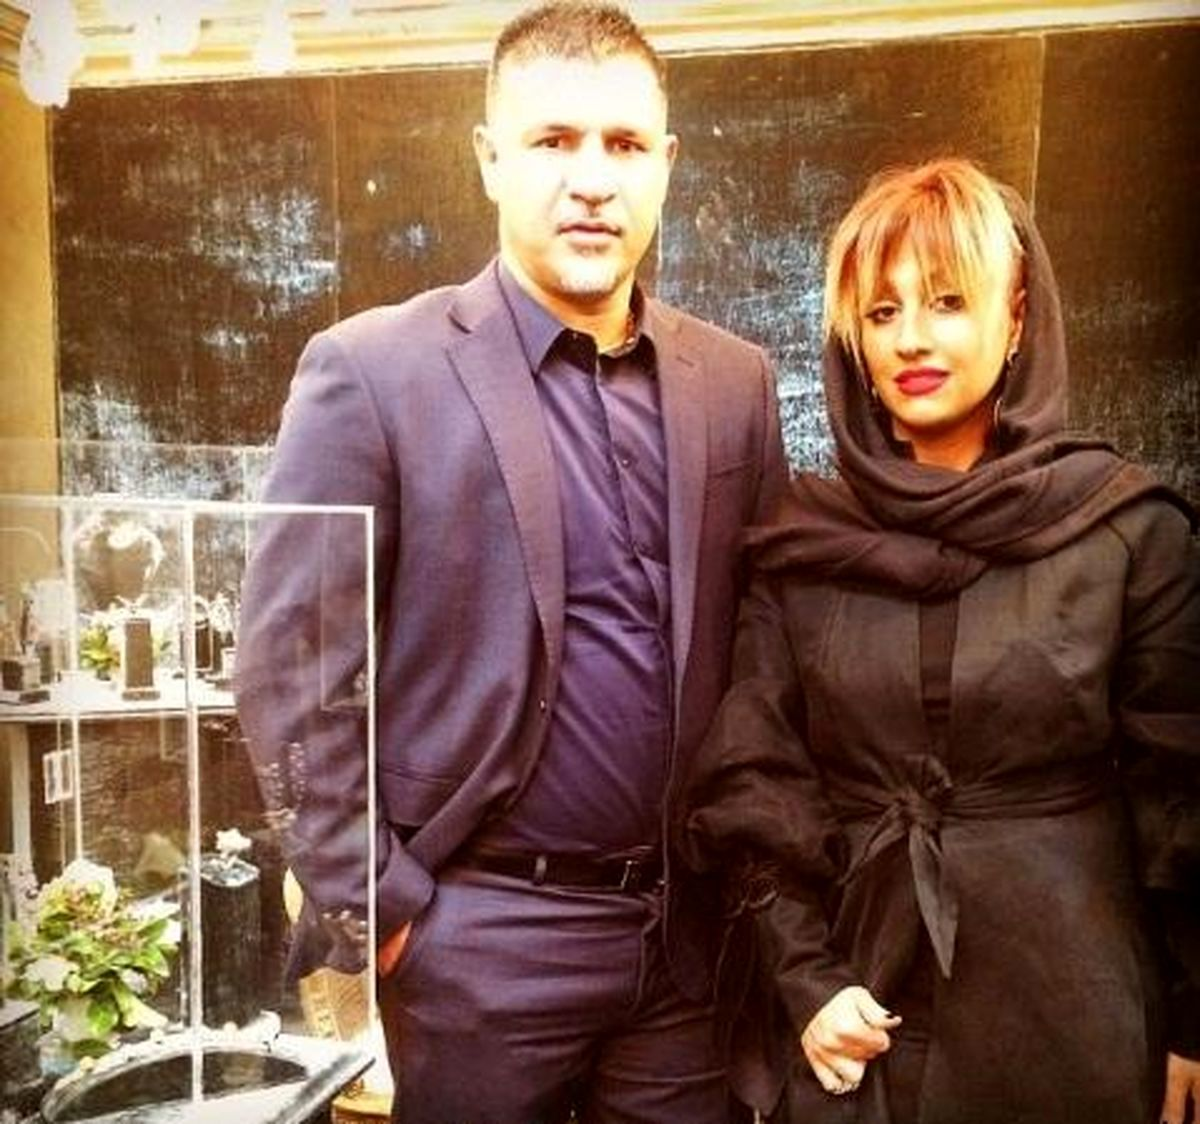 شلوار کوتاه و پاهای لخت همسر علی دایی سوژه رسانه ها شد